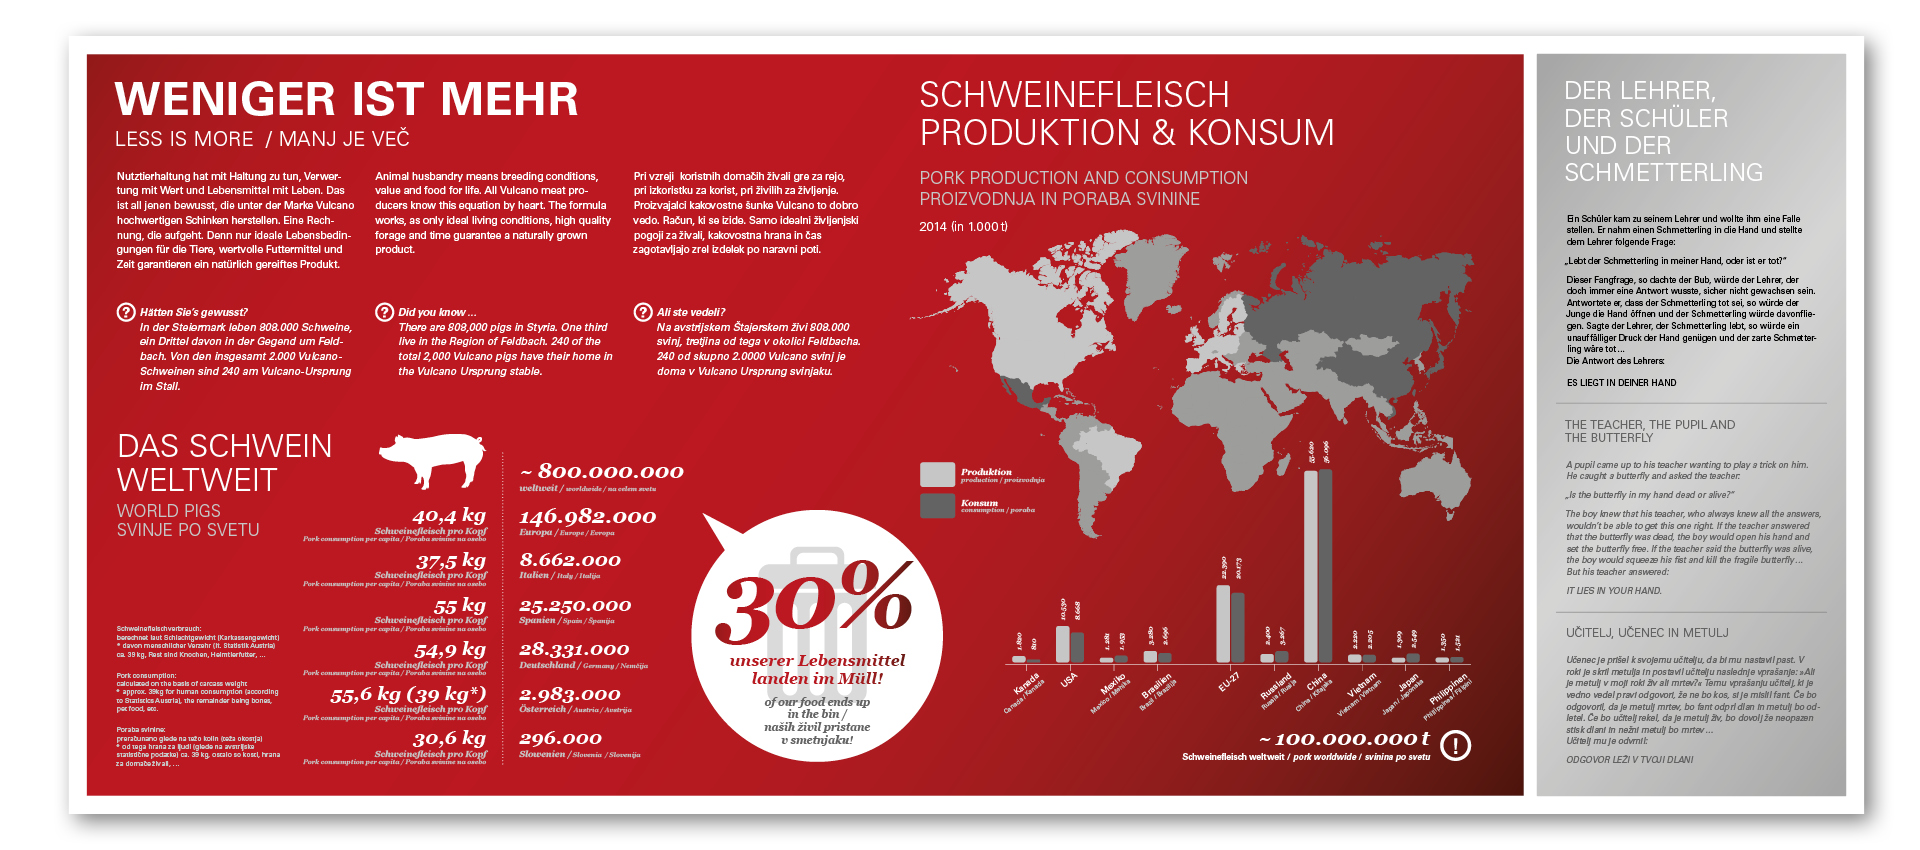 Informationsdesign für die Erlebnistour der Vulcano Schinkenwelt von der Werbeagentur look! design